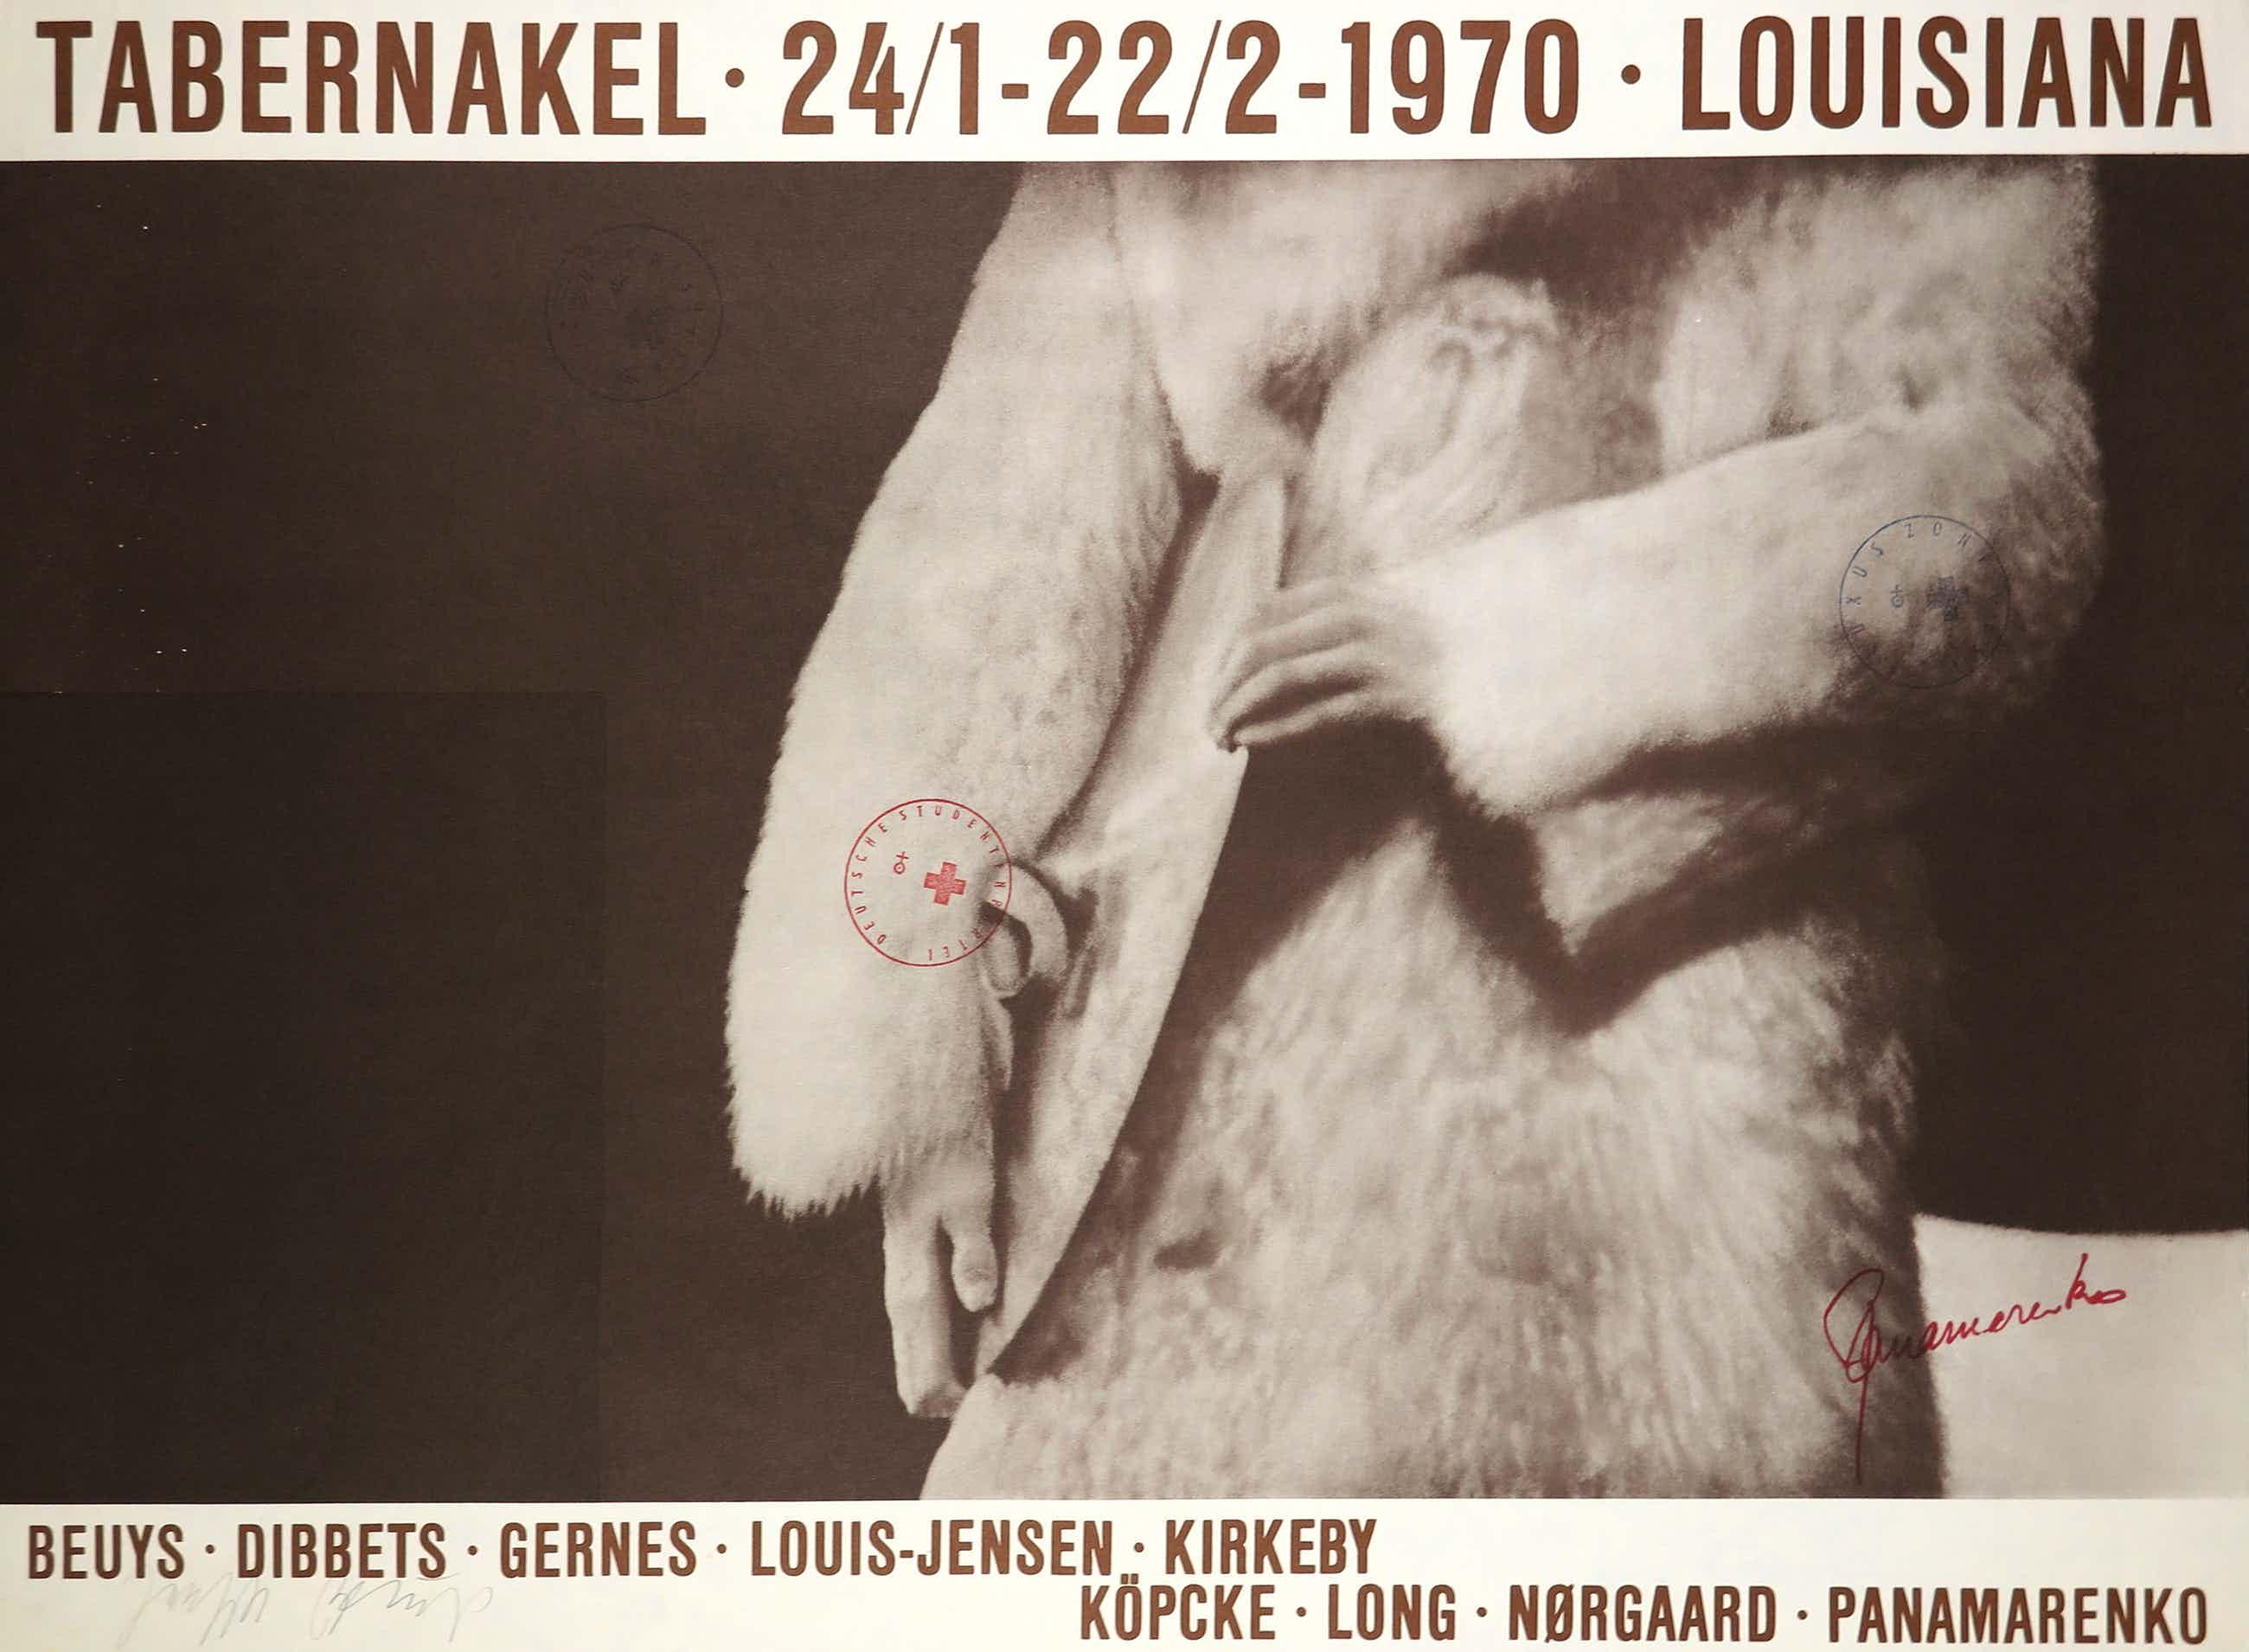 Panamarenko - en Joseph Beuys - Handgesigneerd affiche, Tabernakel kopen? Bied vanaf 140!